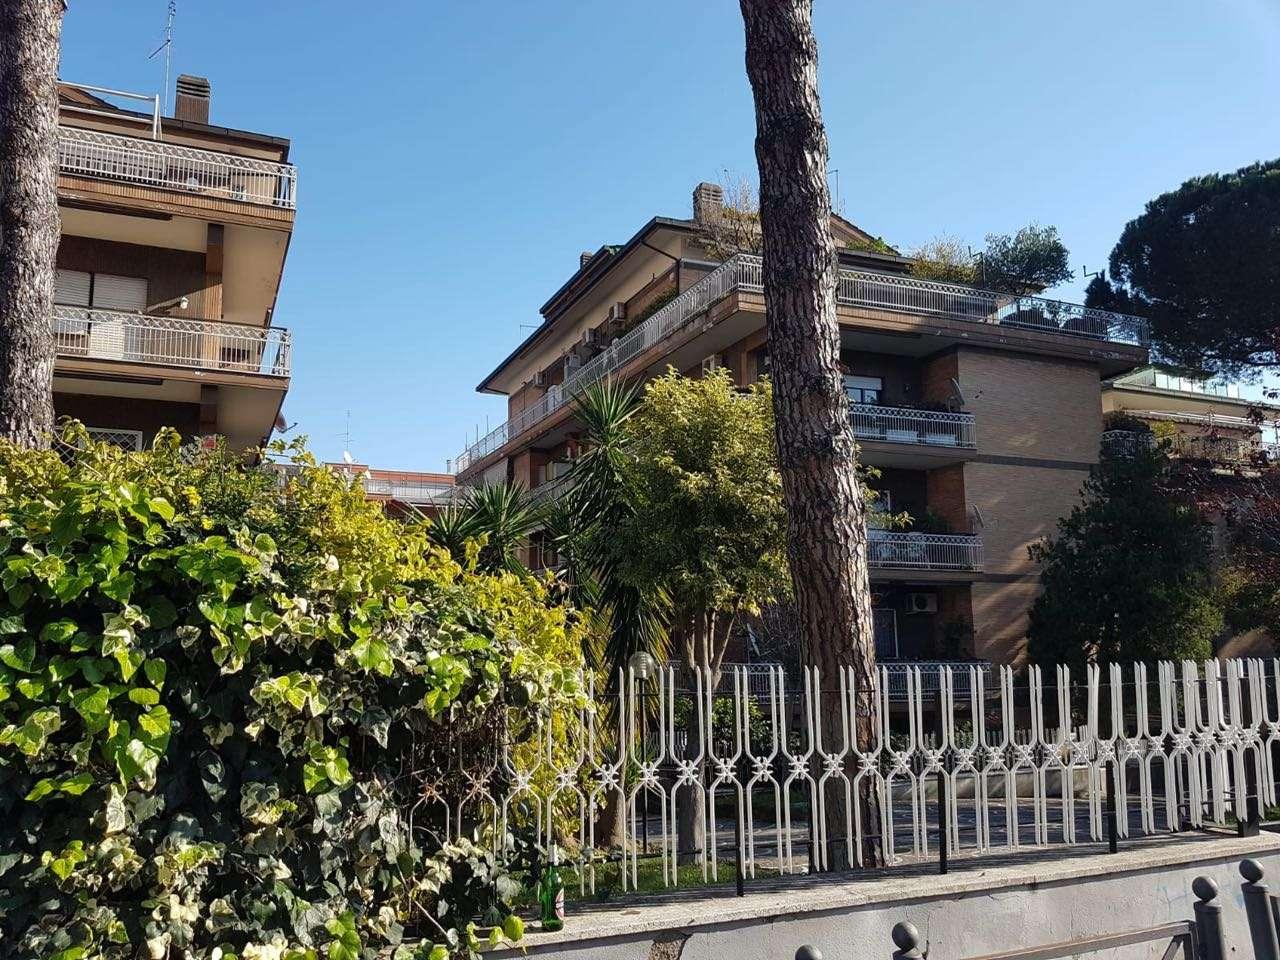 Appartamento in vendita a Roma, 5 locali, zona Zona: 24 . Gianicolense - Colli Portuensi - Monteverde, prezzo € 520.000 | CambioCasa.it